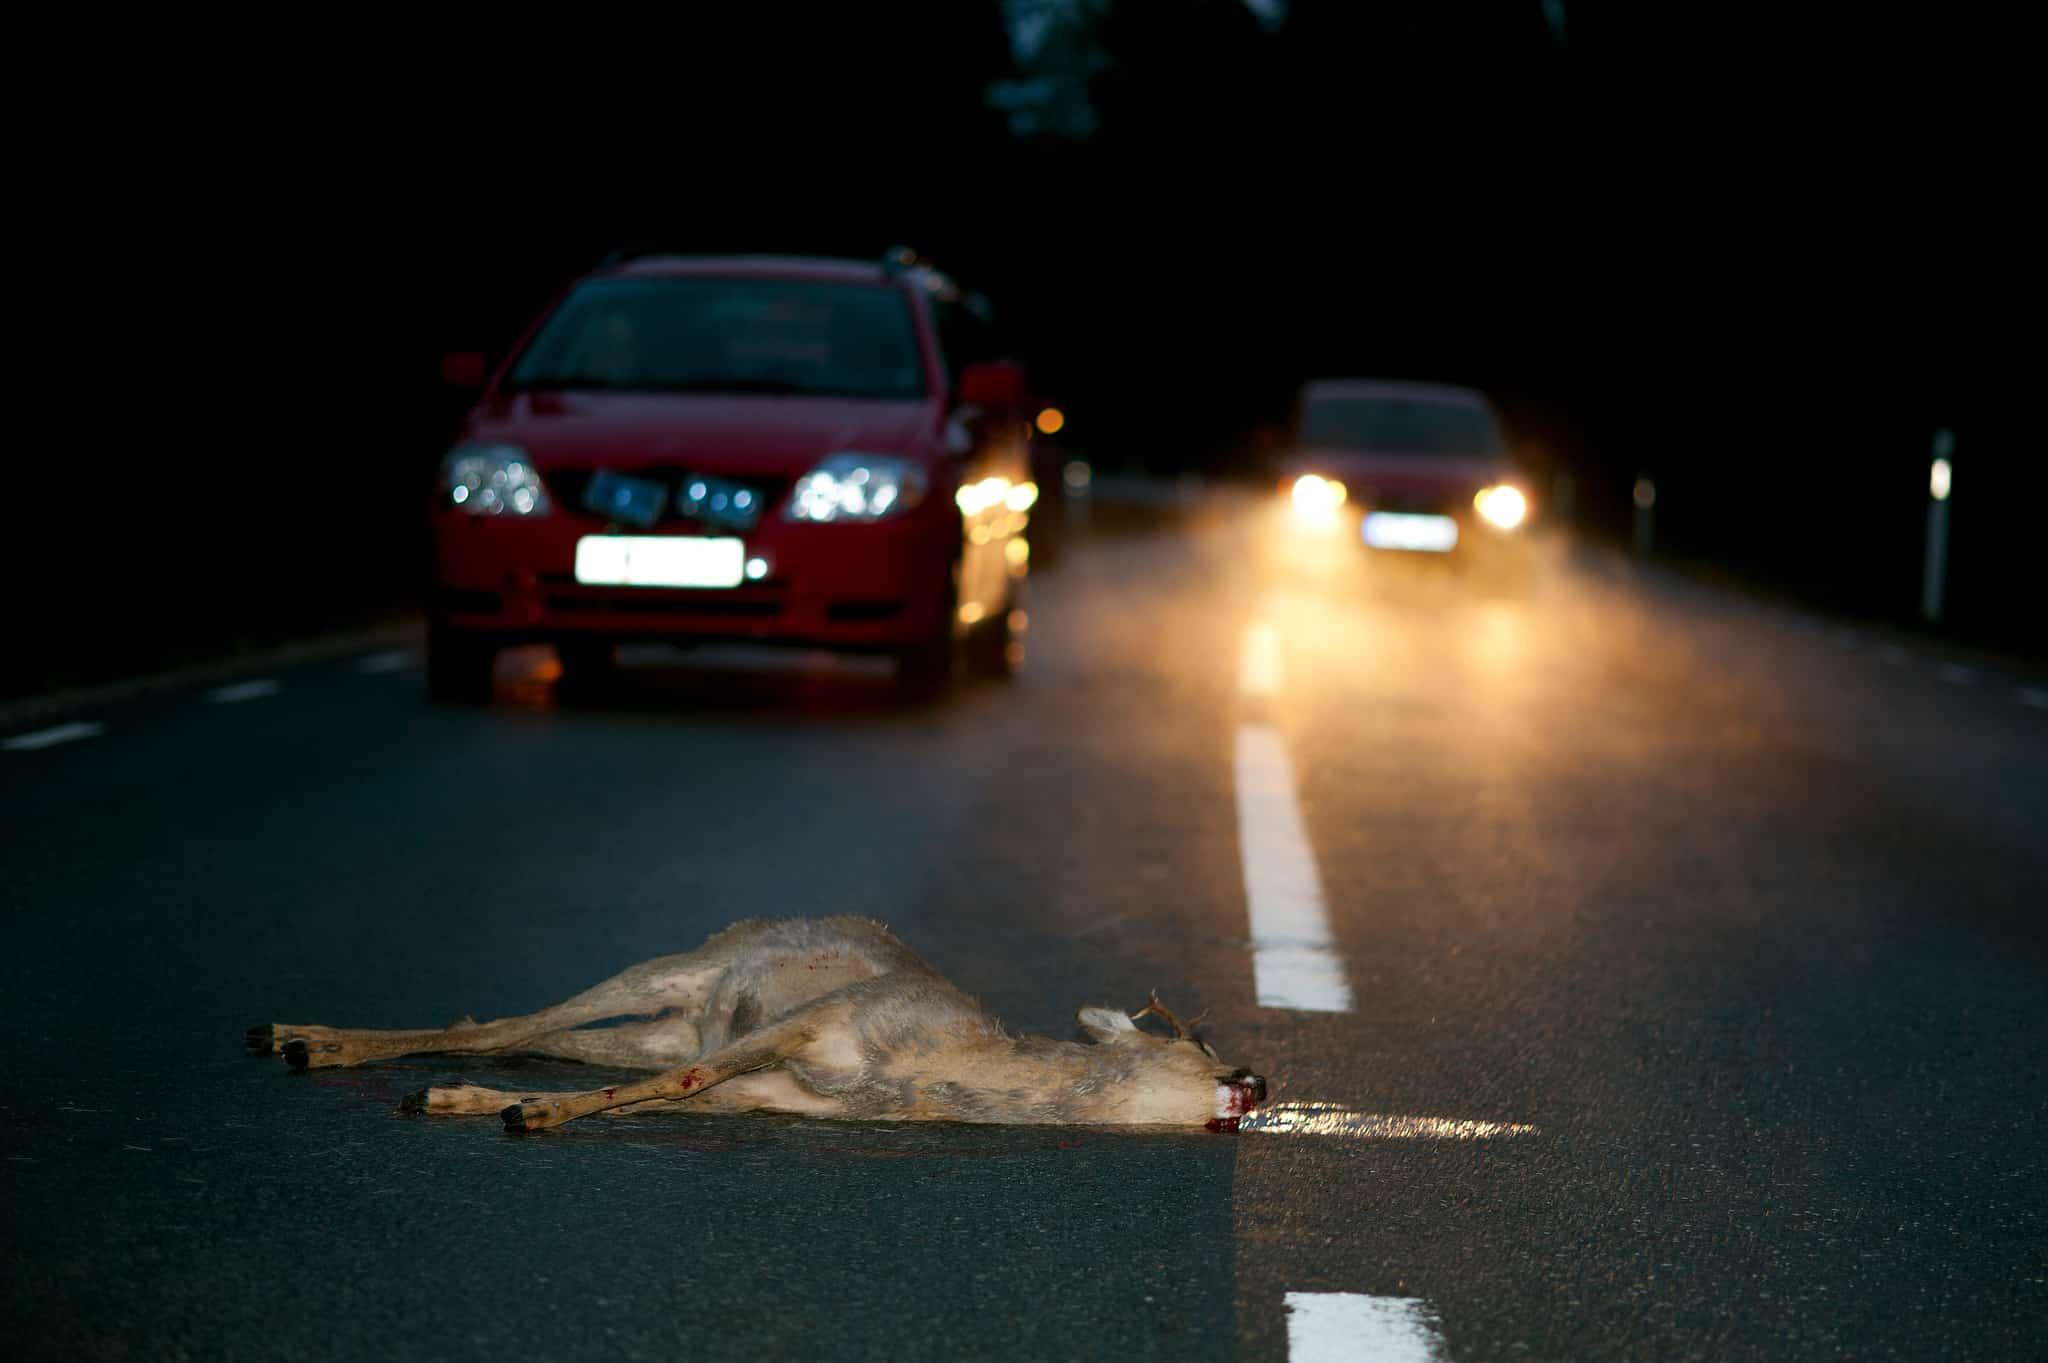 En skelleftebo körde på ett rådjur som han avlivade och tog med sig hem. Mannen är nu misstänkt för stöld, enligt norran.se. Foto: Kenneth Johansson